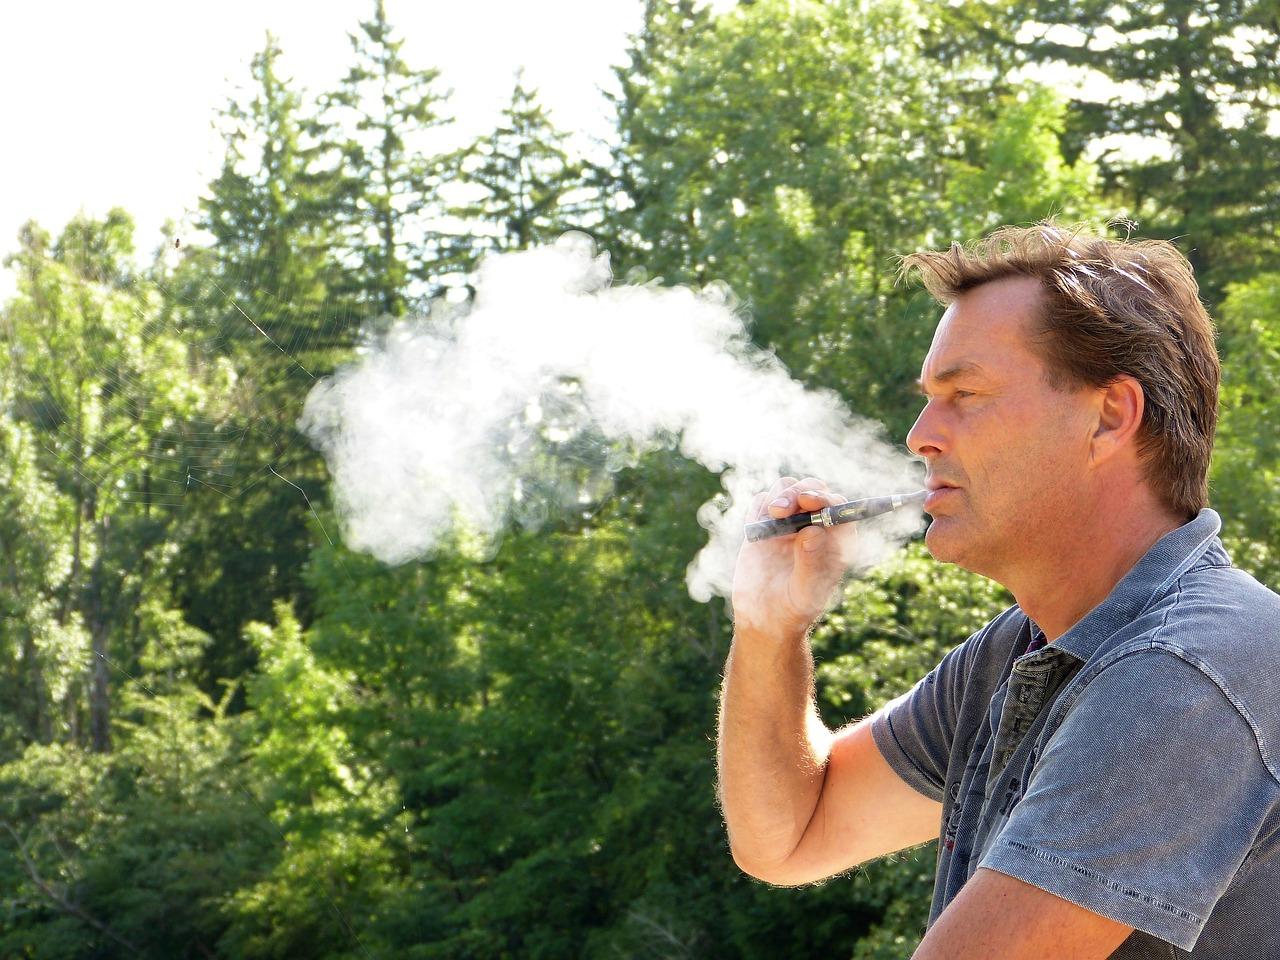 a7b6fe49c14e7d2a94bda9cb7f19c191 - 【TIPS】Ploomtech/IQOS/glo 加熱式タバコは本当に危険か?ハームリダクションに広がり